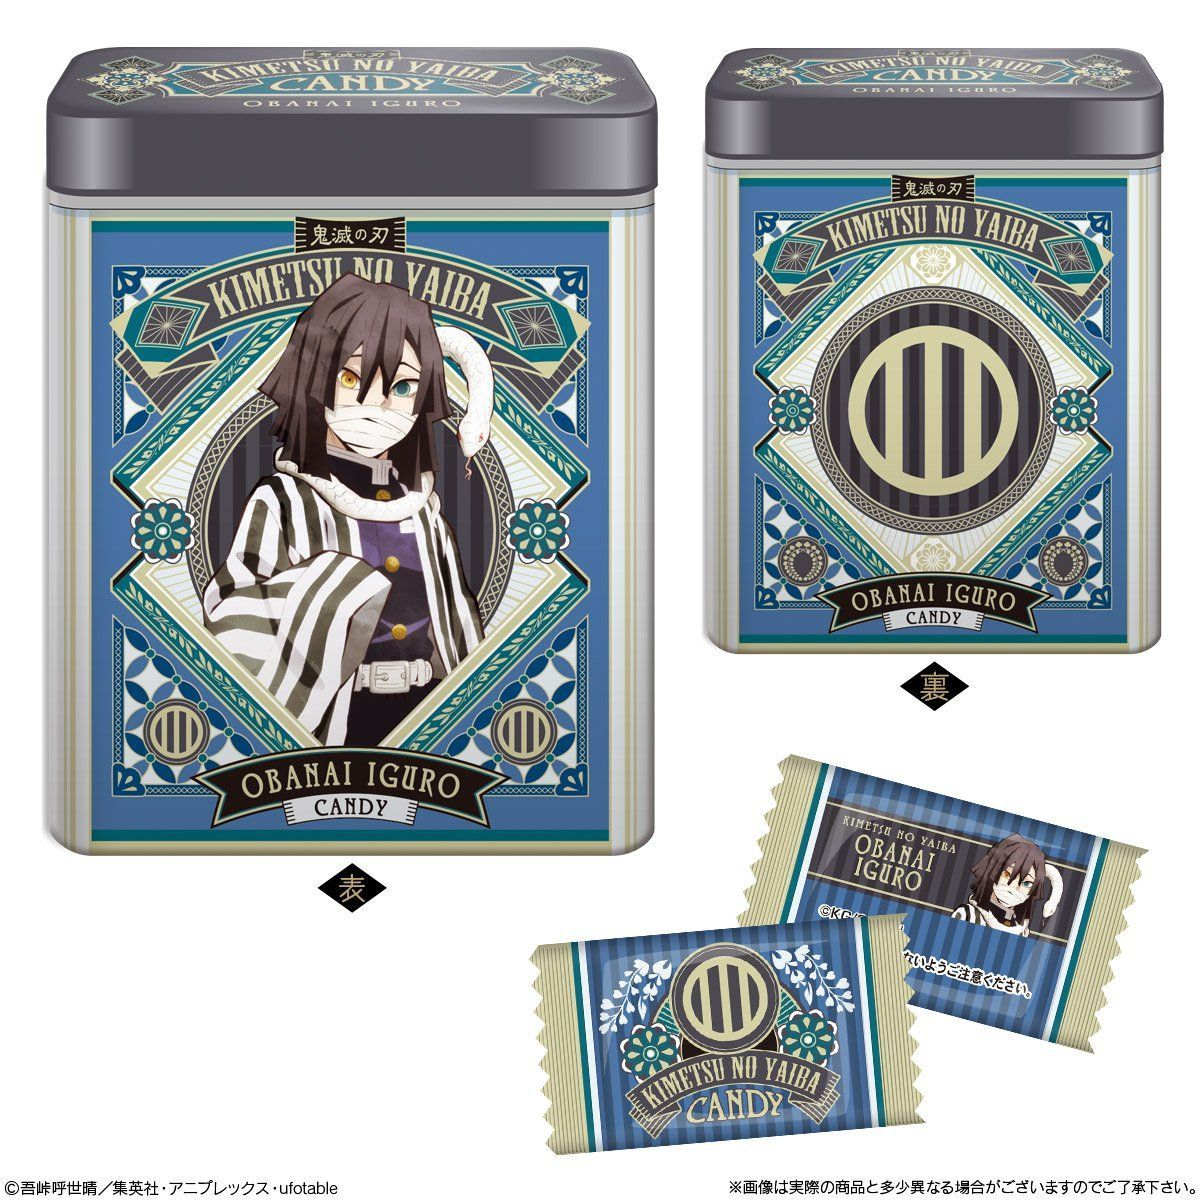 【食玩】『鬼滅の刃 CANDY缶コレクション2』12個入りBOX-007